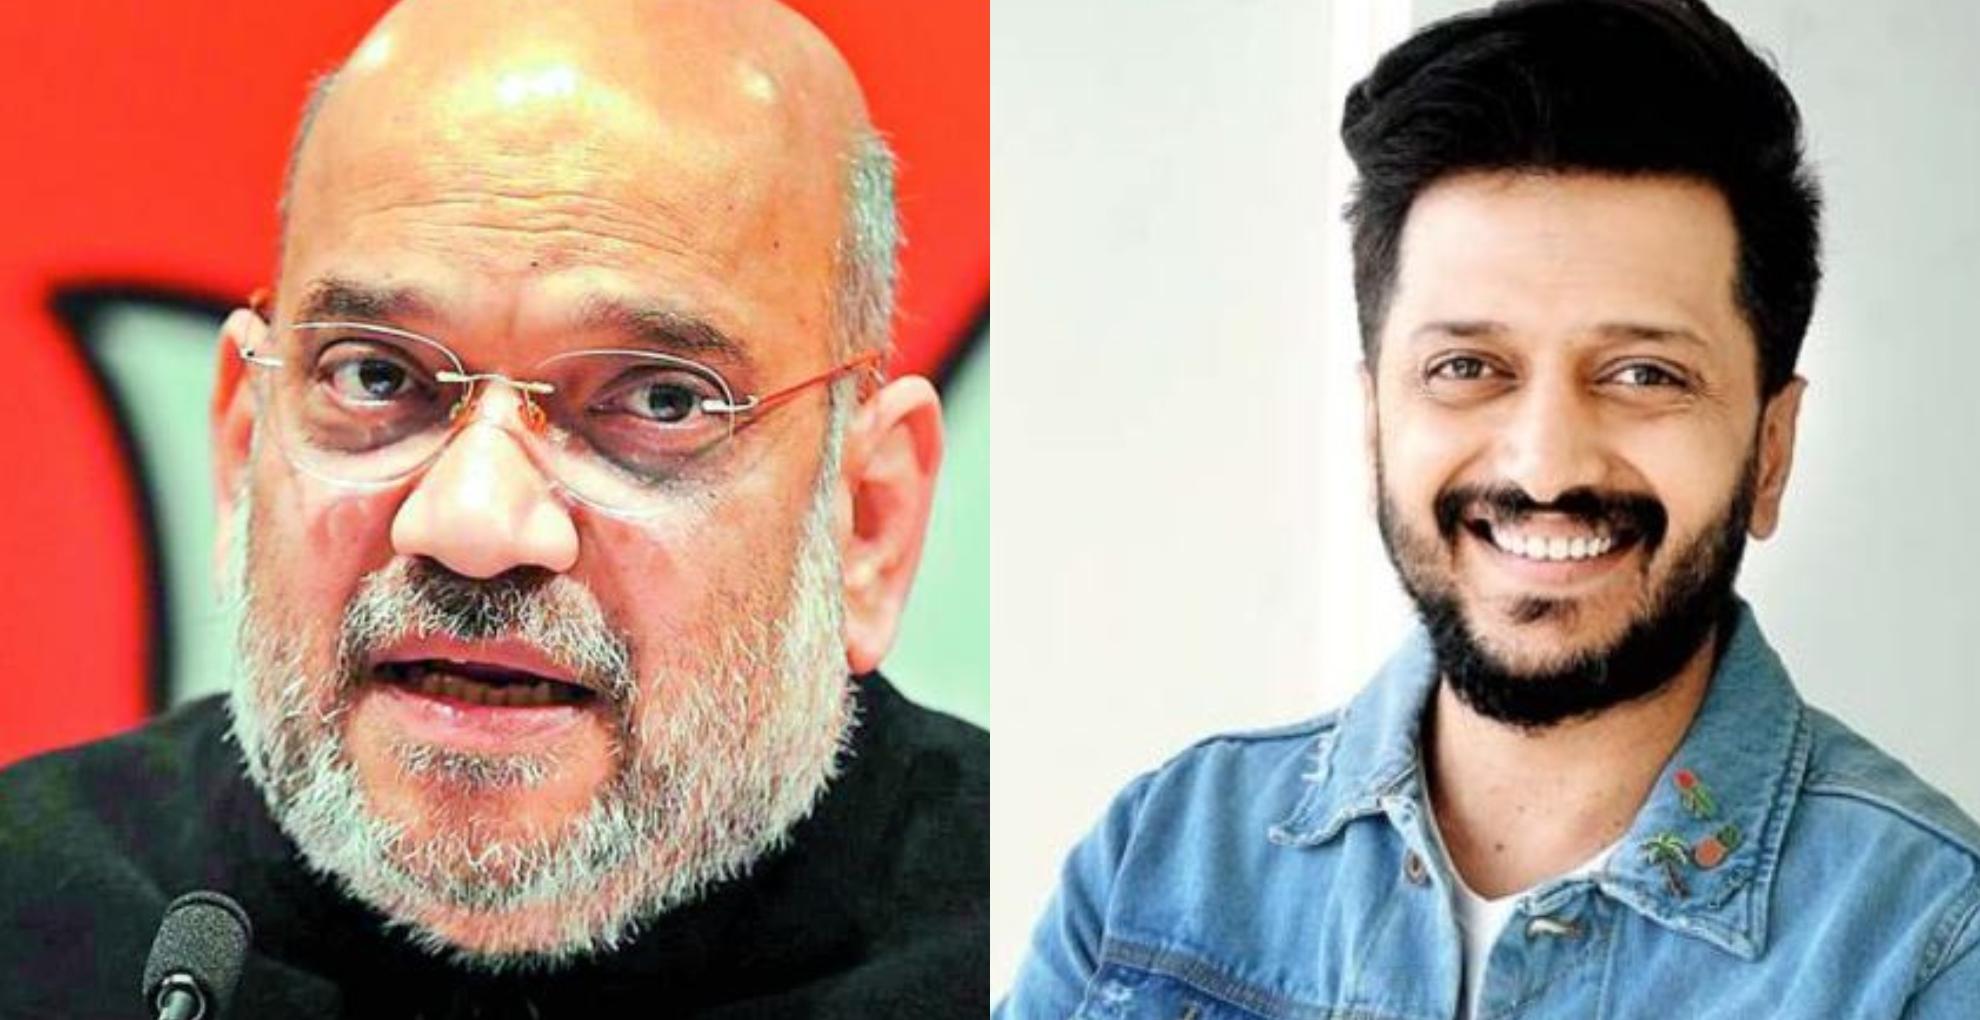 Chandrayaan 2: नेता से लेकर अभिनेता तक, ISRO के वैज्ञानिकों की तारीफ कर इस तरह बढ़ा रहे हैं हौसला